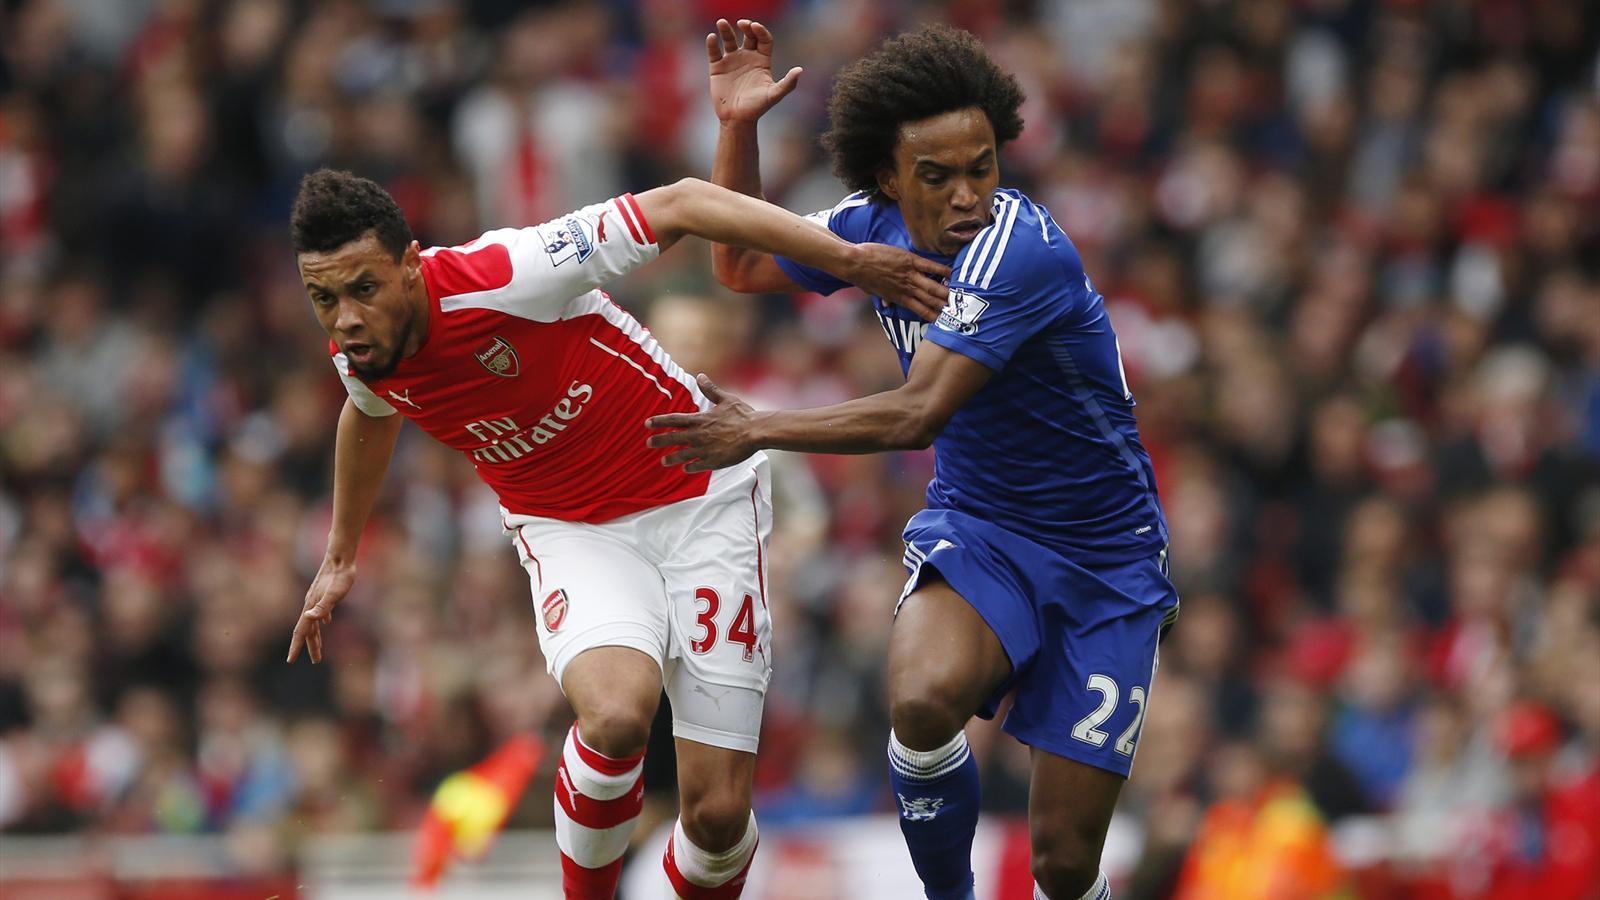 Francis Coquelin et Willian au duel lors d'Arsenal-Chelsea (saison 2014-2015)